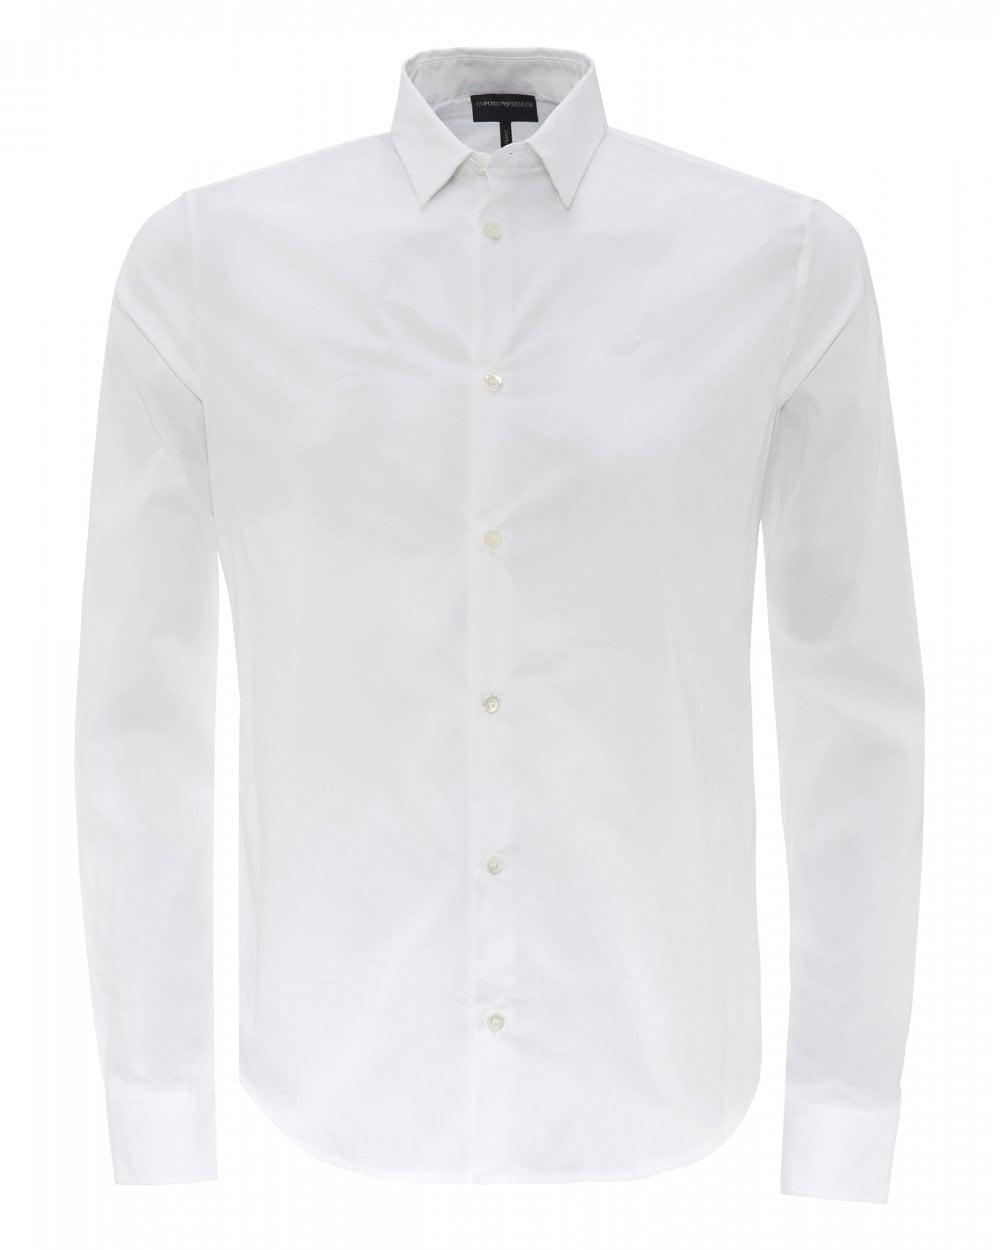 eaff0c5b46f808 Emporio Armani Mens White Slim-Fit Poplin Shirt